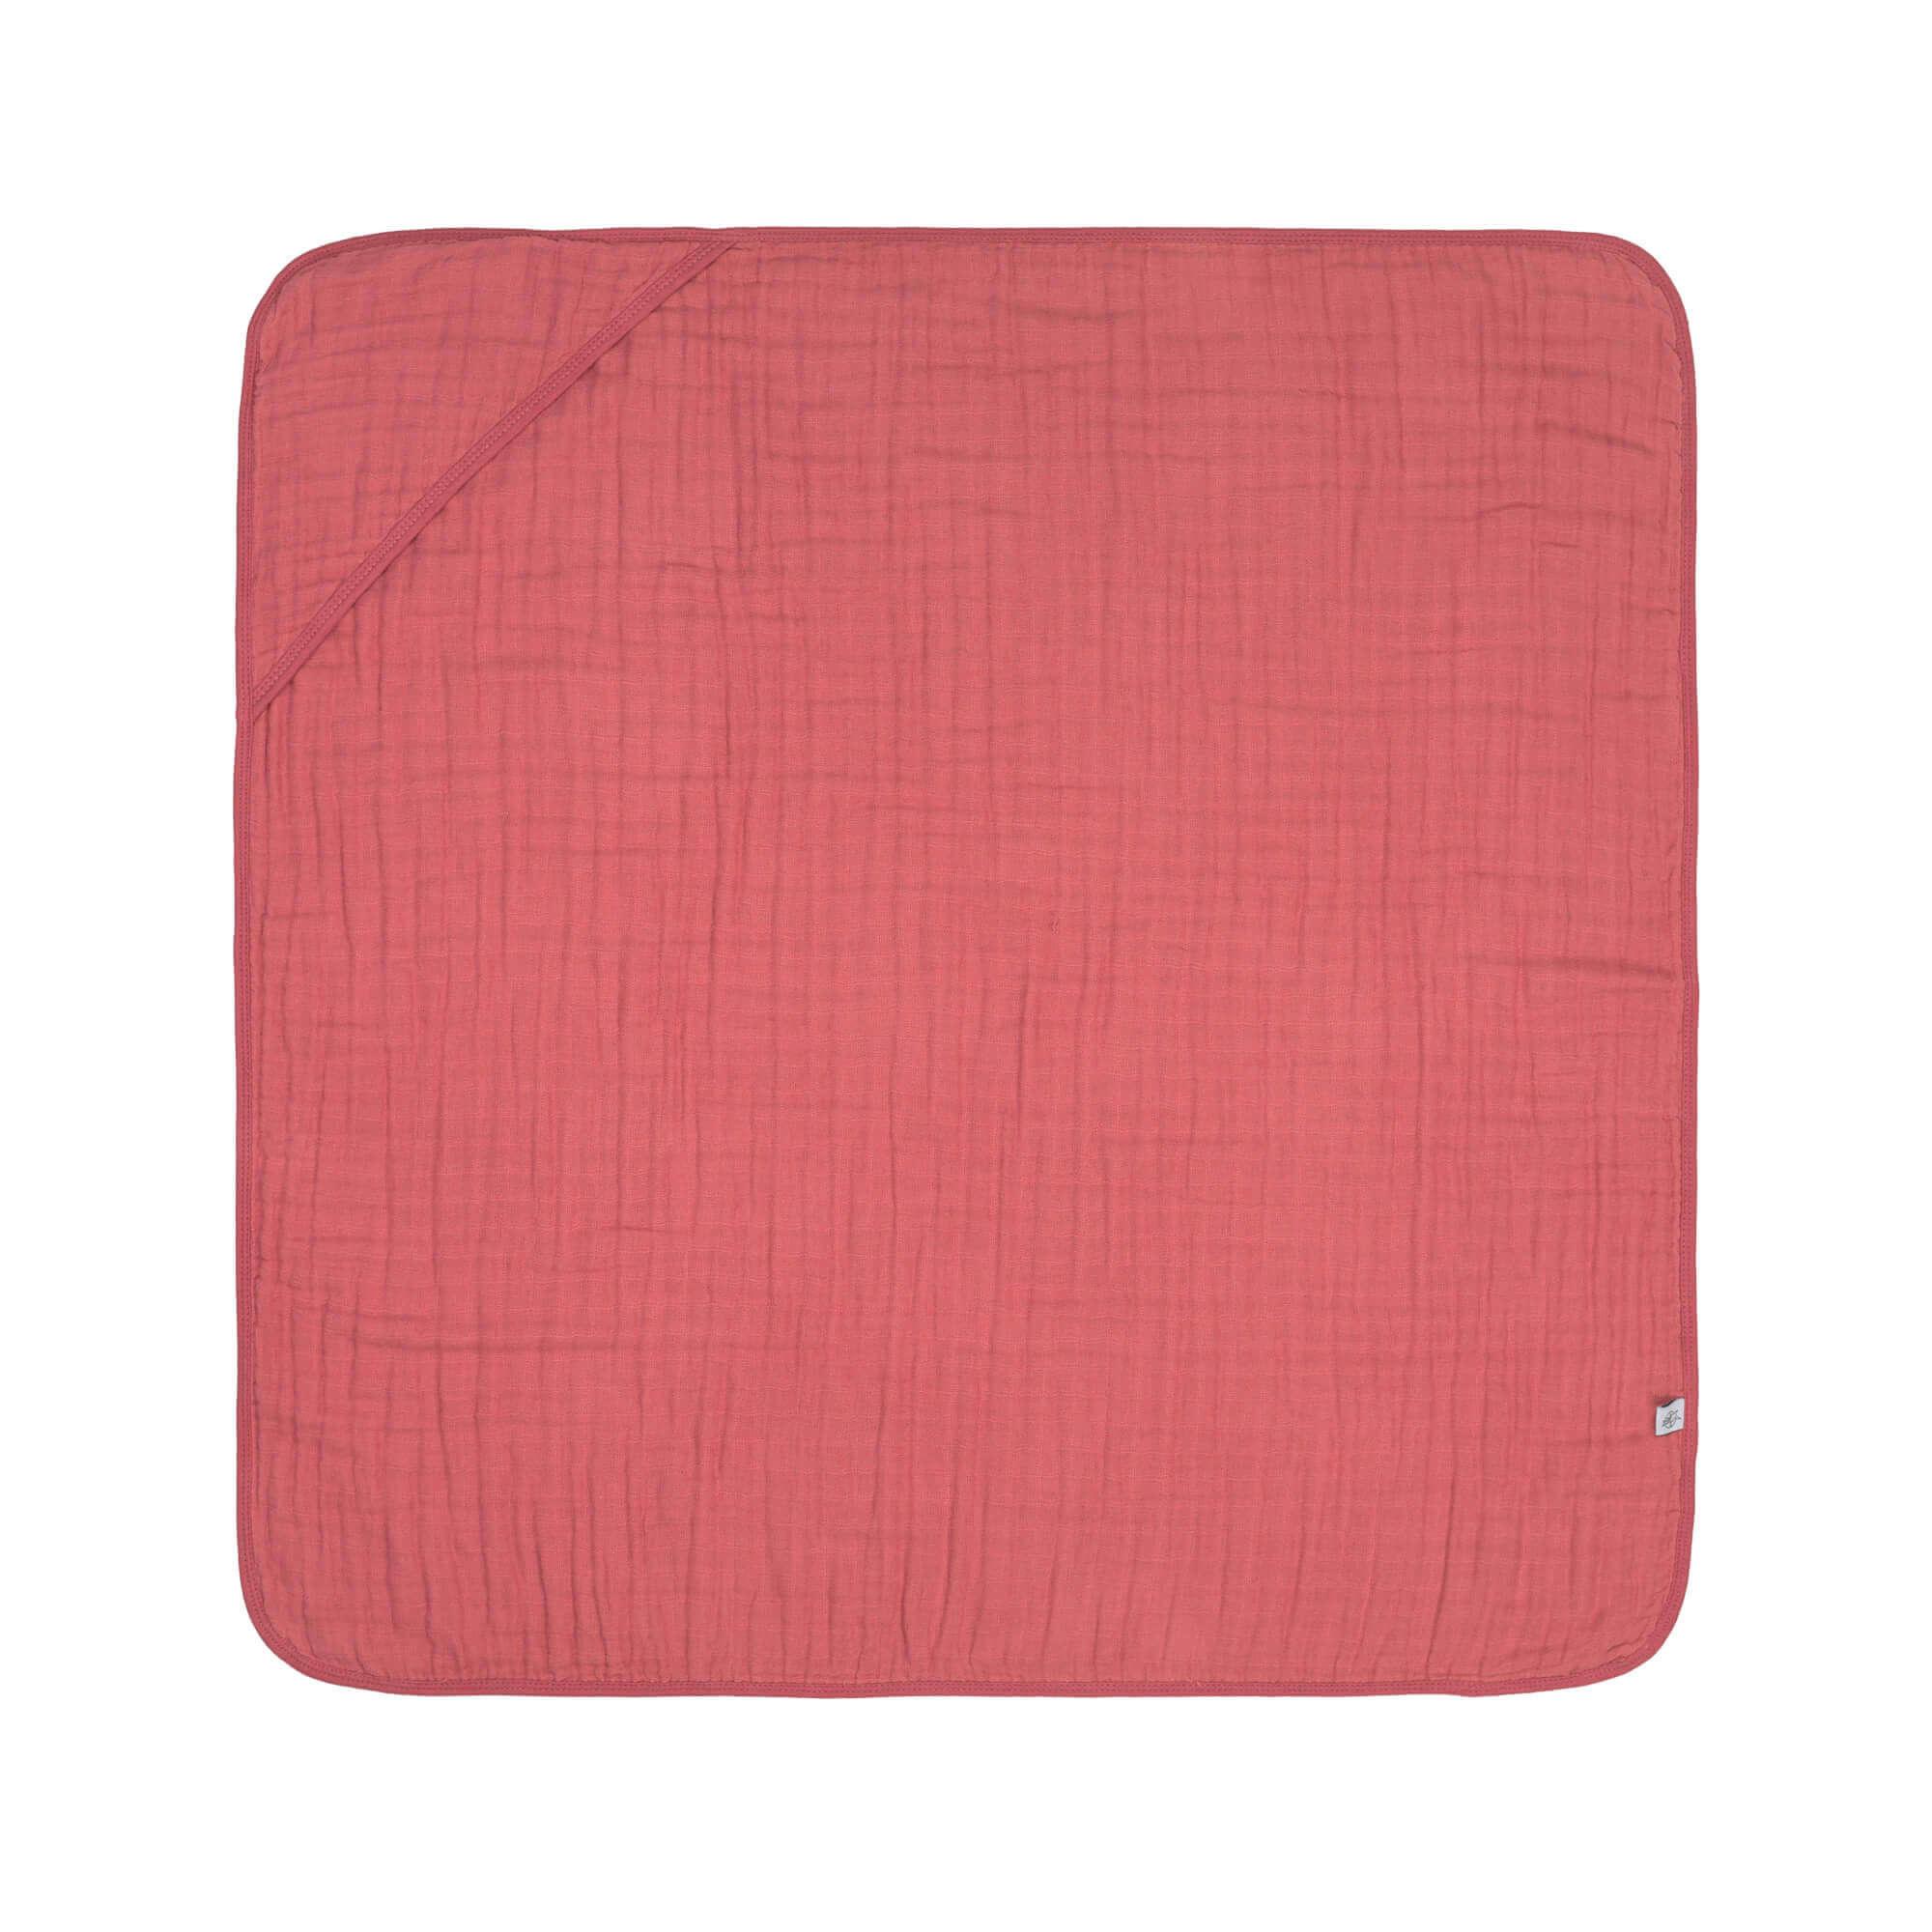 Lassig Muslin Hooded Towel Rosewood